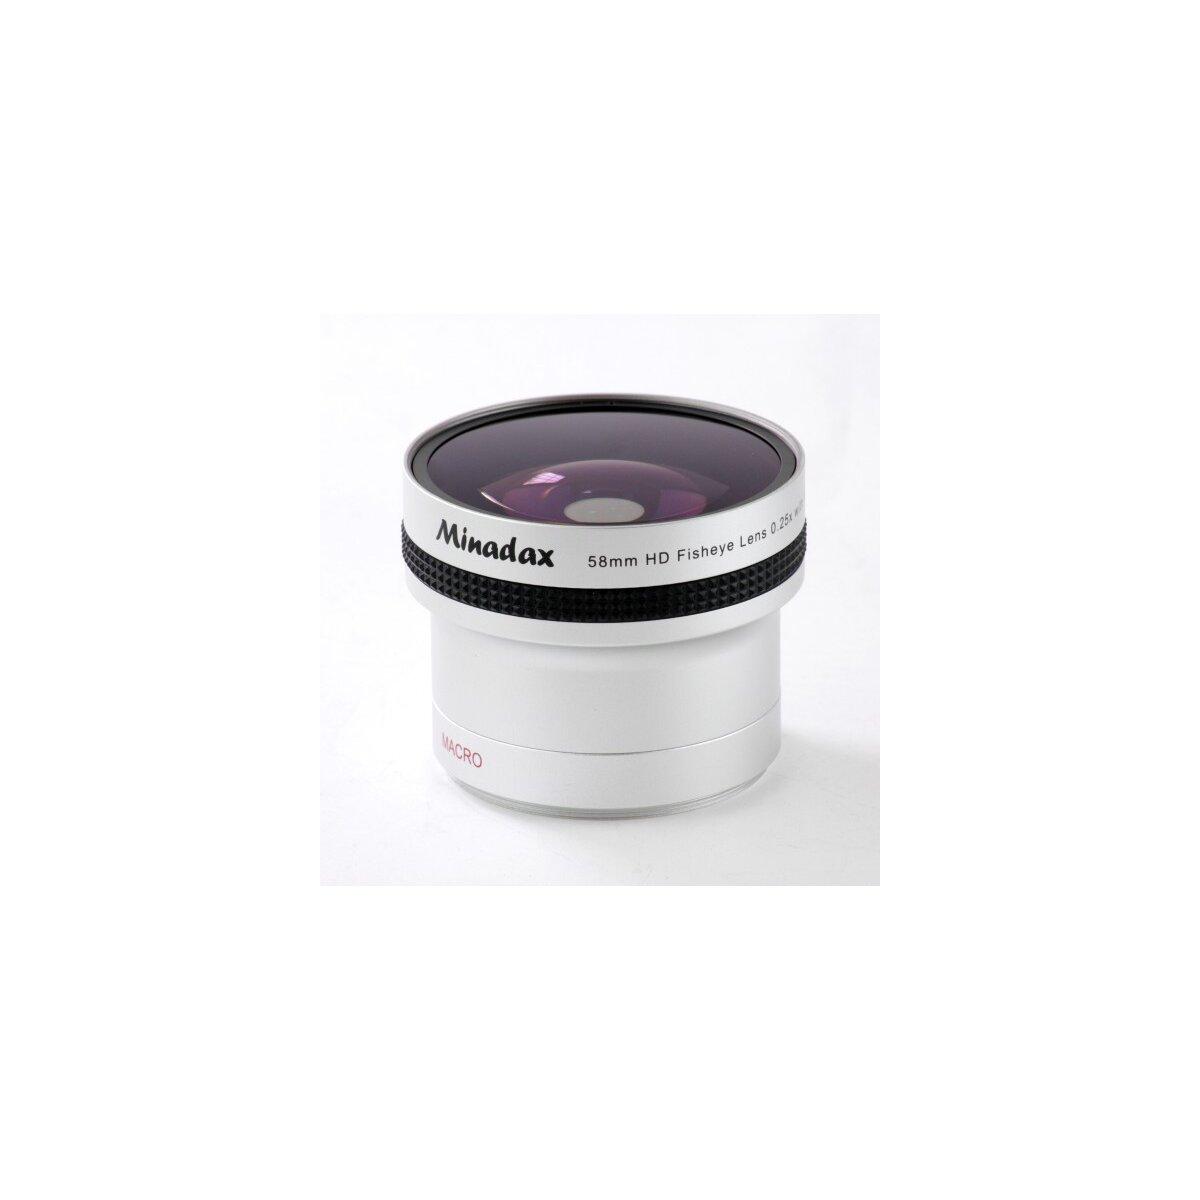 Minadax 0.25x Fisheye Vorsatz kompatibel mit Canon LEGRIA HF G10, LEGRIA HF S10, LEGRIA HF S11, LEGRIA HF S20, LEGRIA HF S21, LEGRIA HF S100, LEGRIA HF S200 - in silber